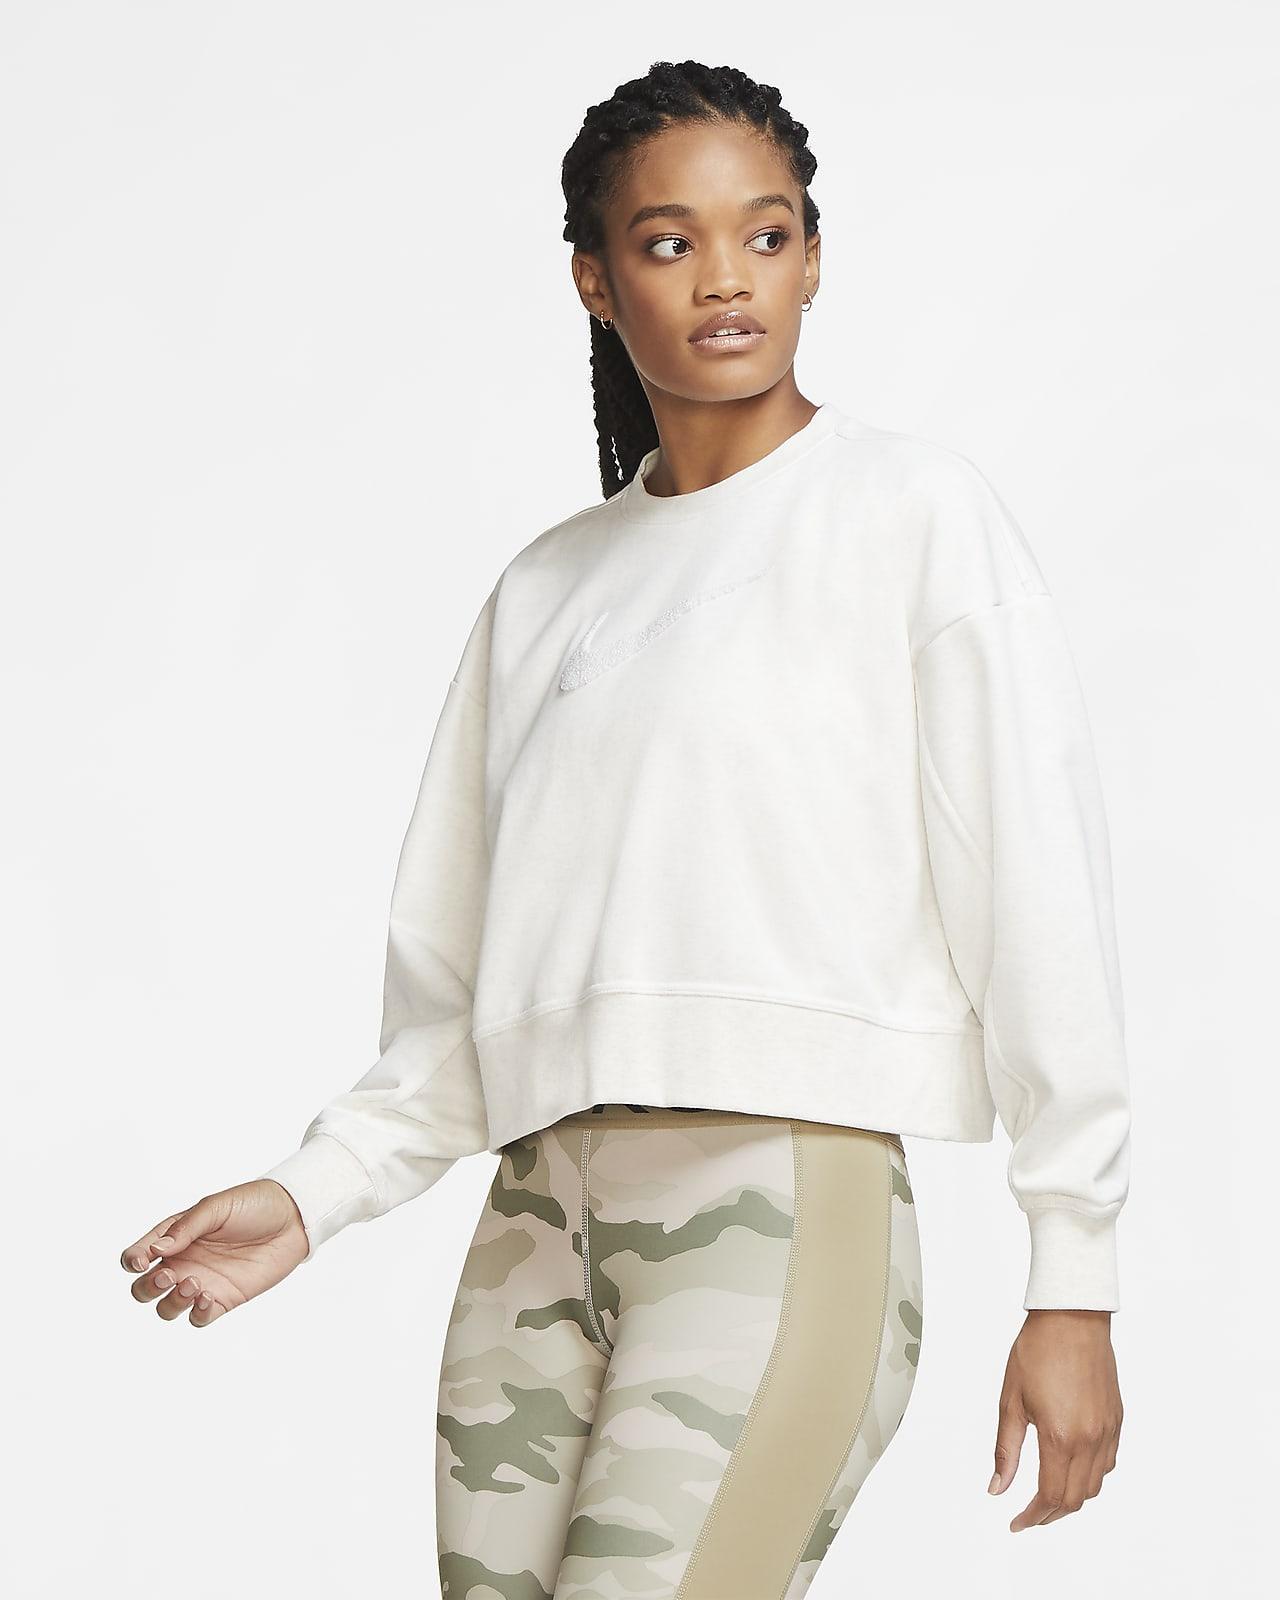 Damska bluza treningowa z logo Swoosh Nike Dri-FIT Get Fit